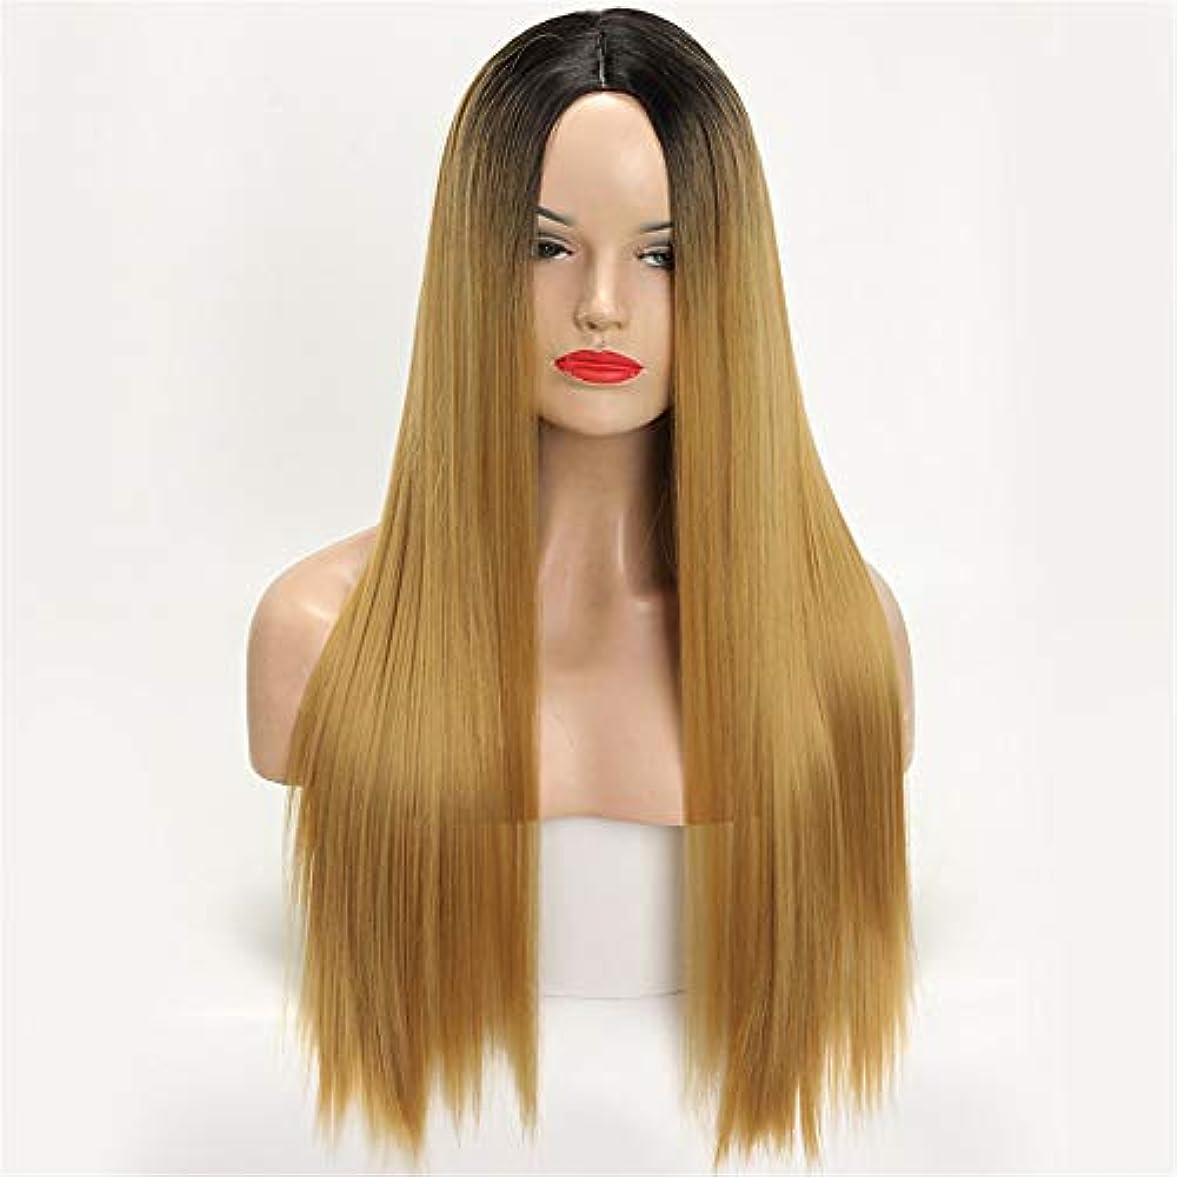 同一性普通の維持するかつらロングストレートヘア女性勾配化学繊維フードオンブルブラックブロンドロングストレート高温合成繊維ウィッグ女性用ウィッグ30インチ